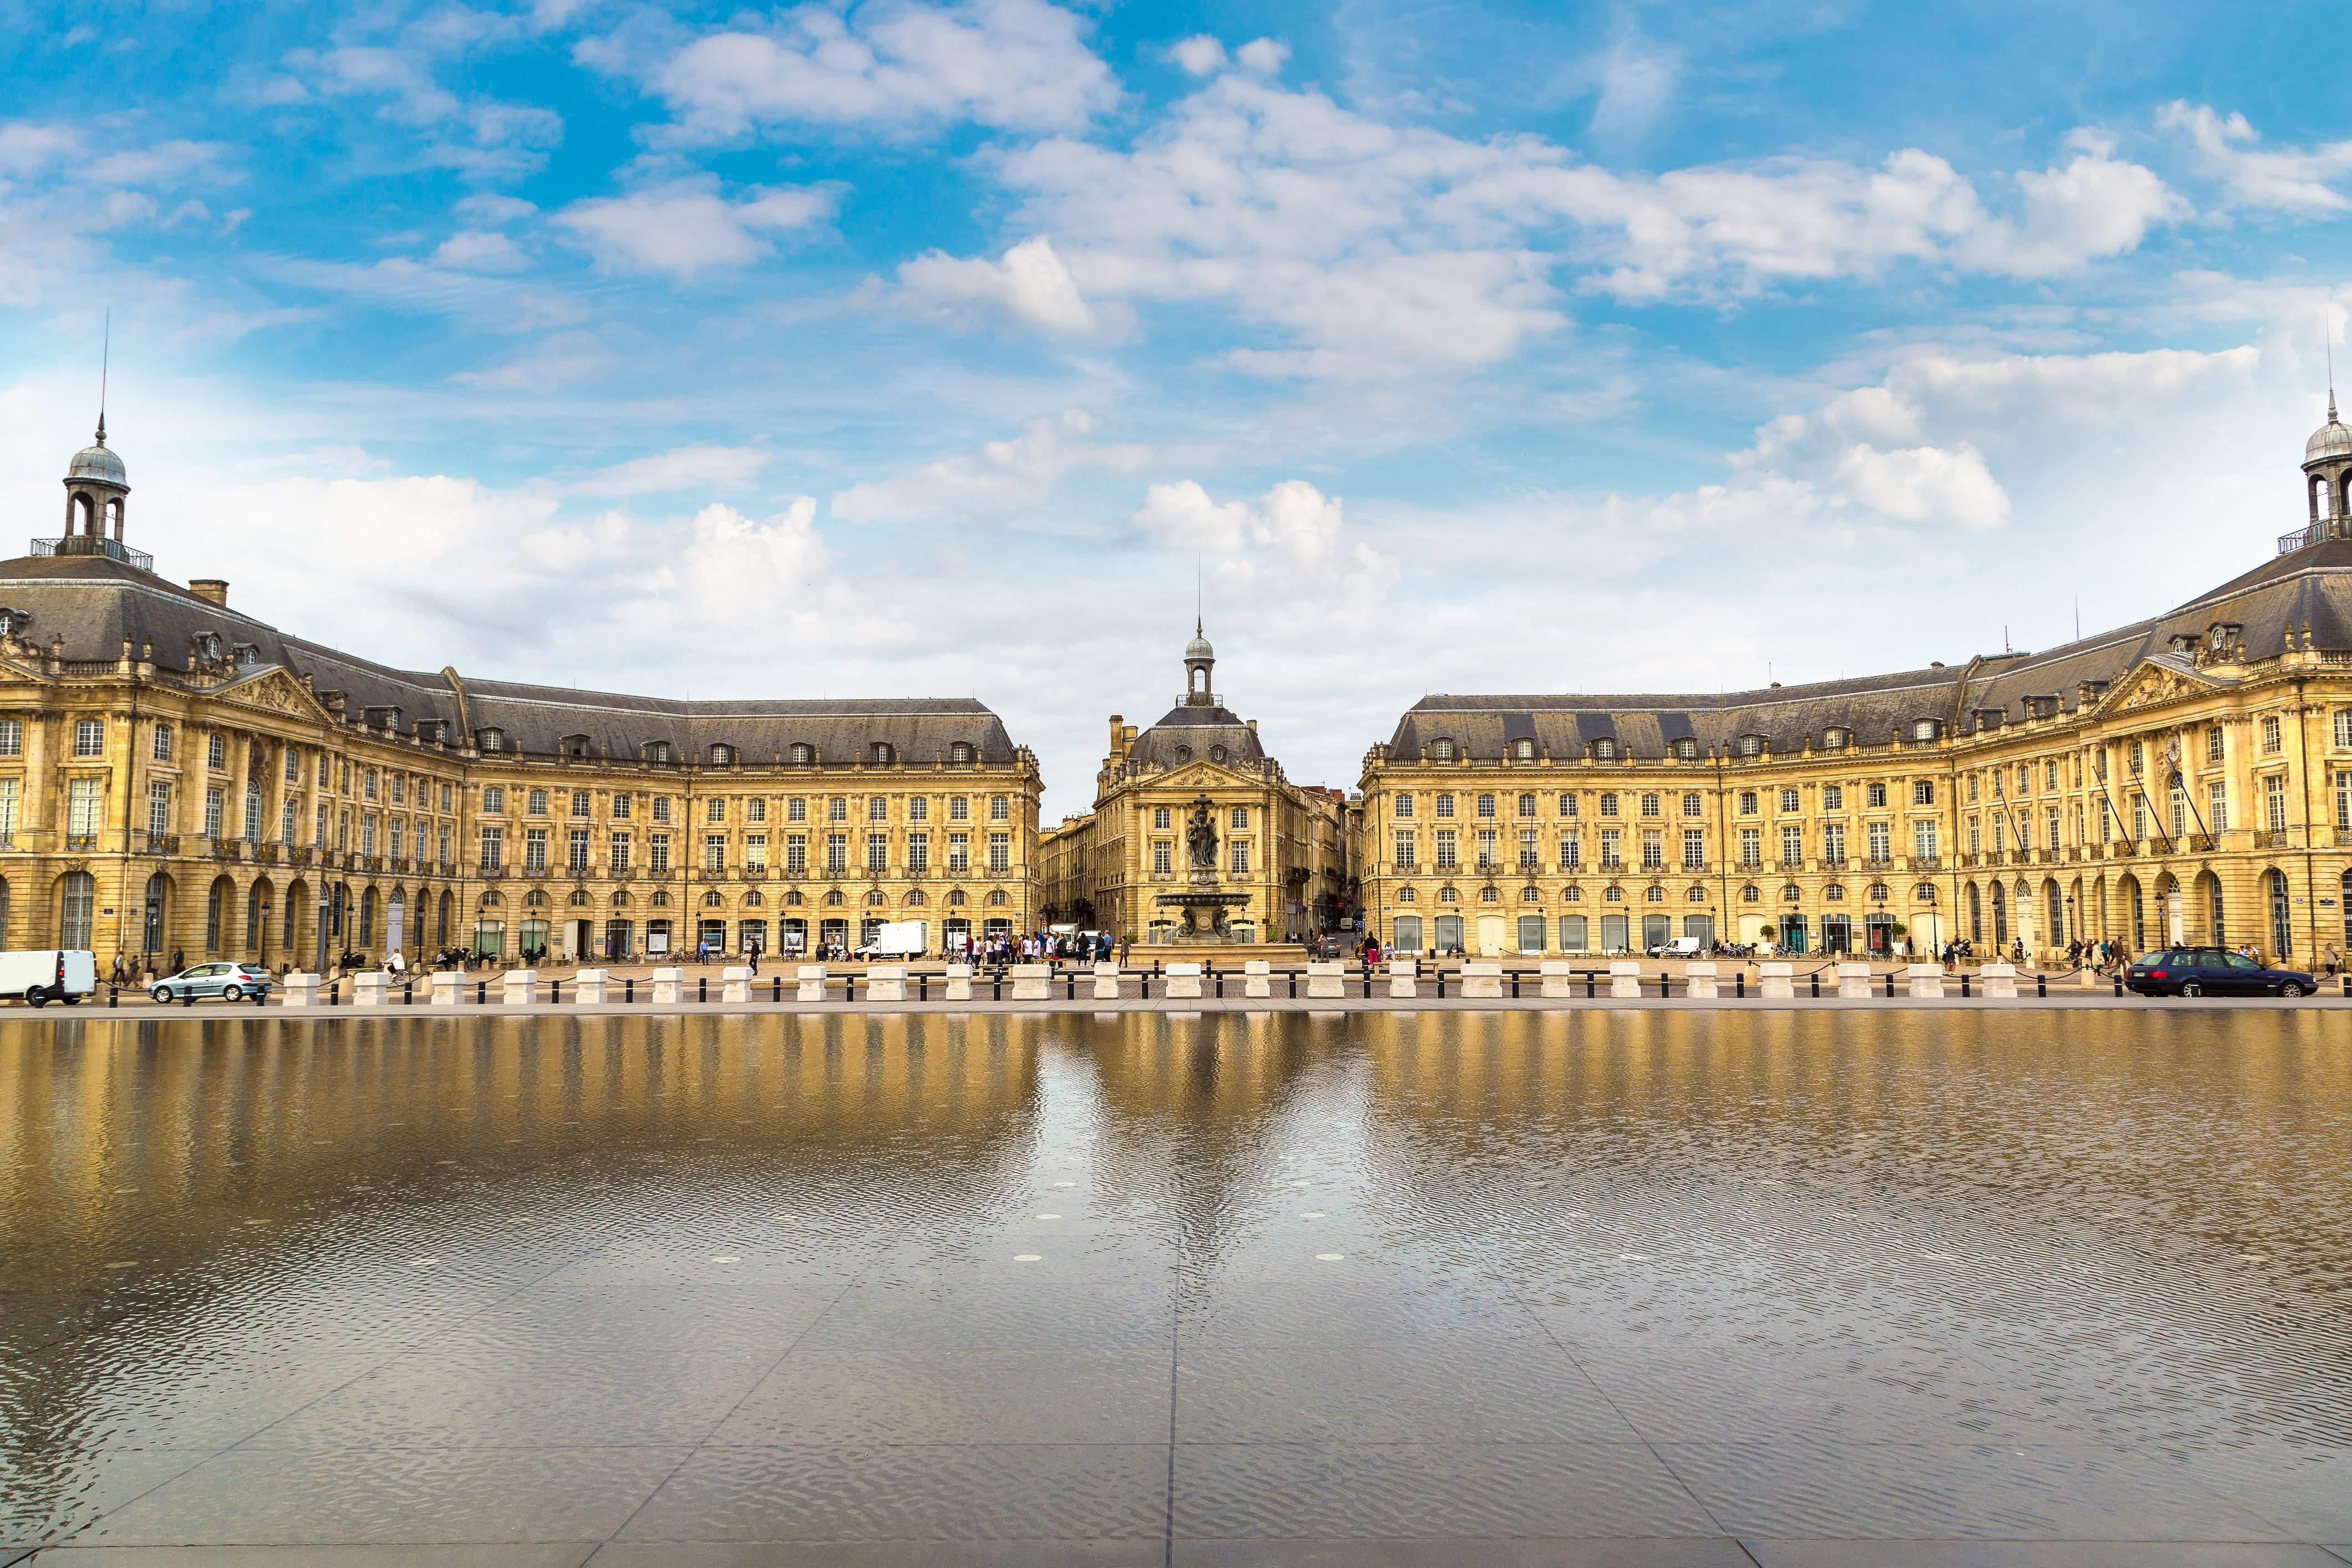 Bordeaux_France_Mirroir d'eau_Place de la Bourse in Bordeaux